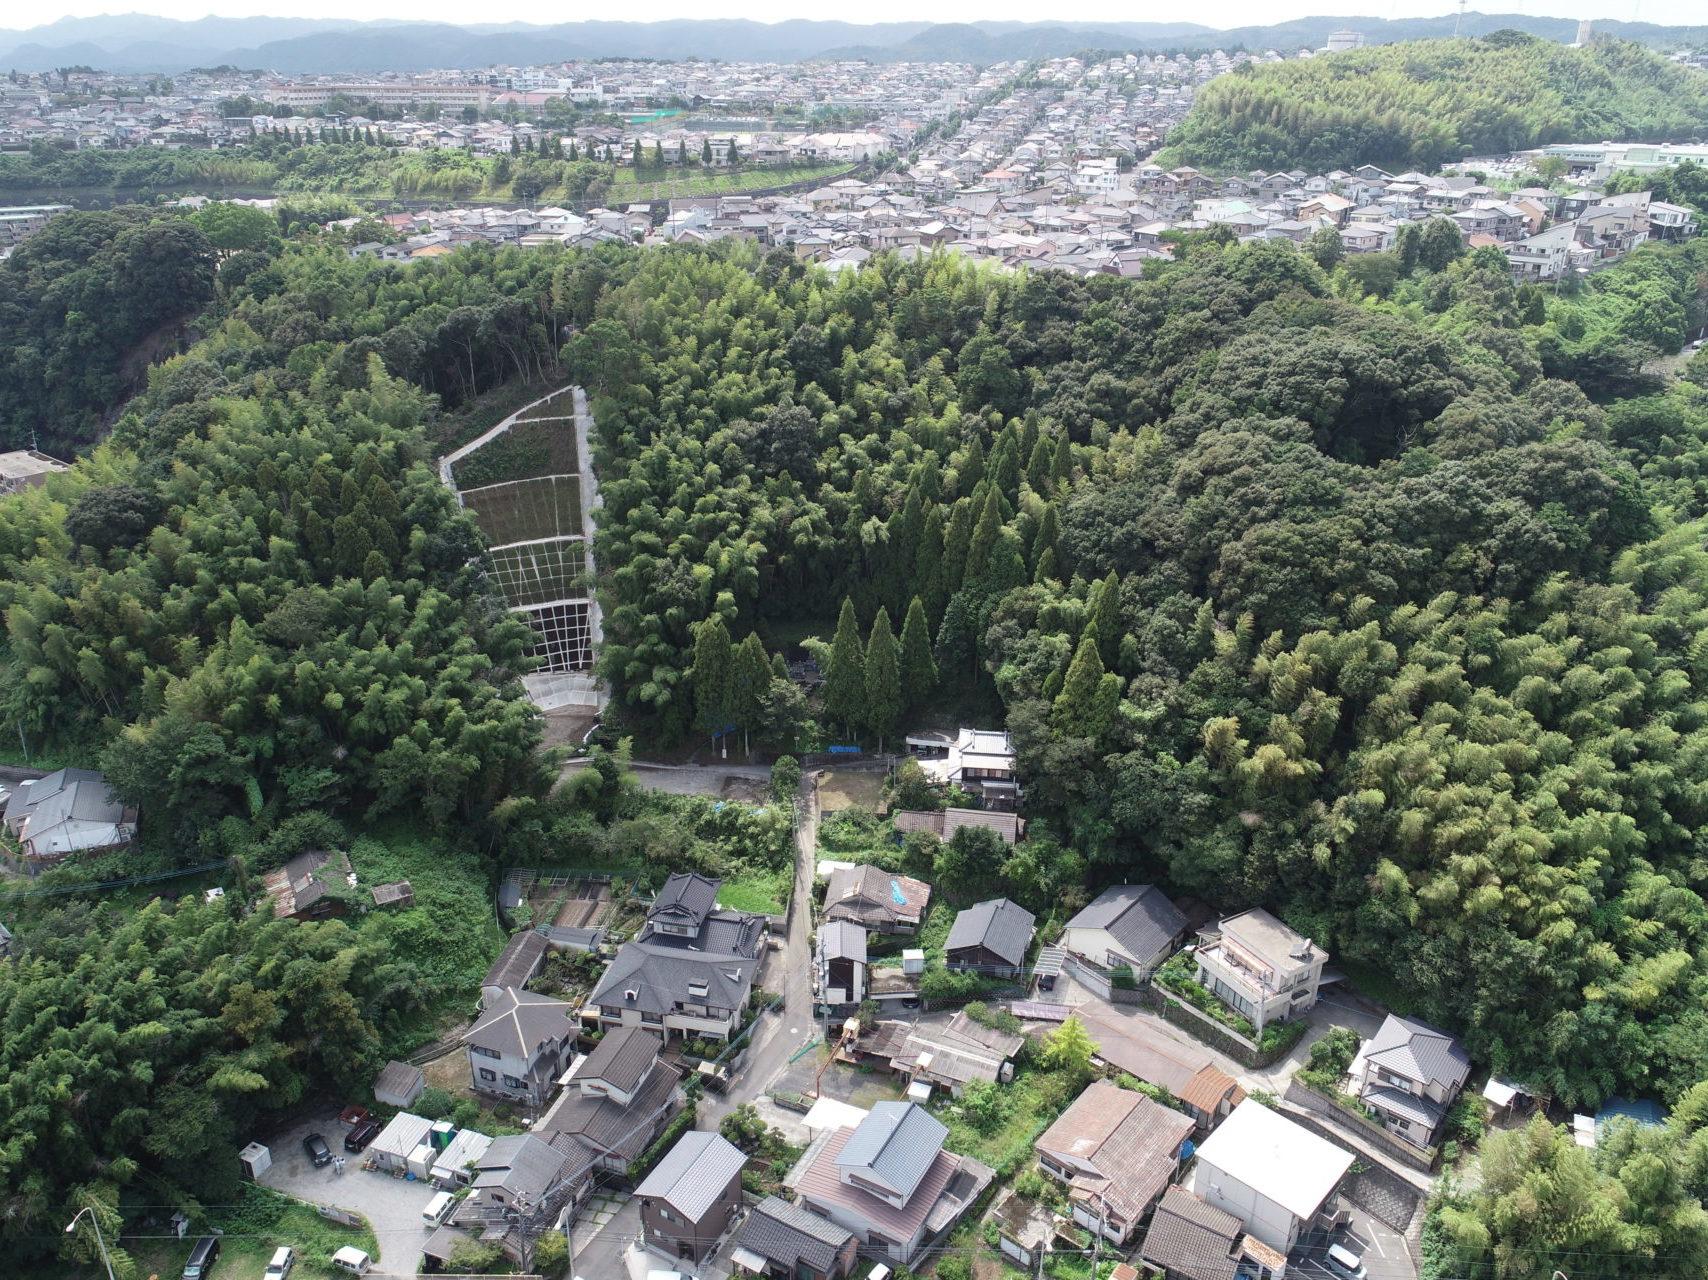 急傾斜地崩壊対策工事(大峯3地区)